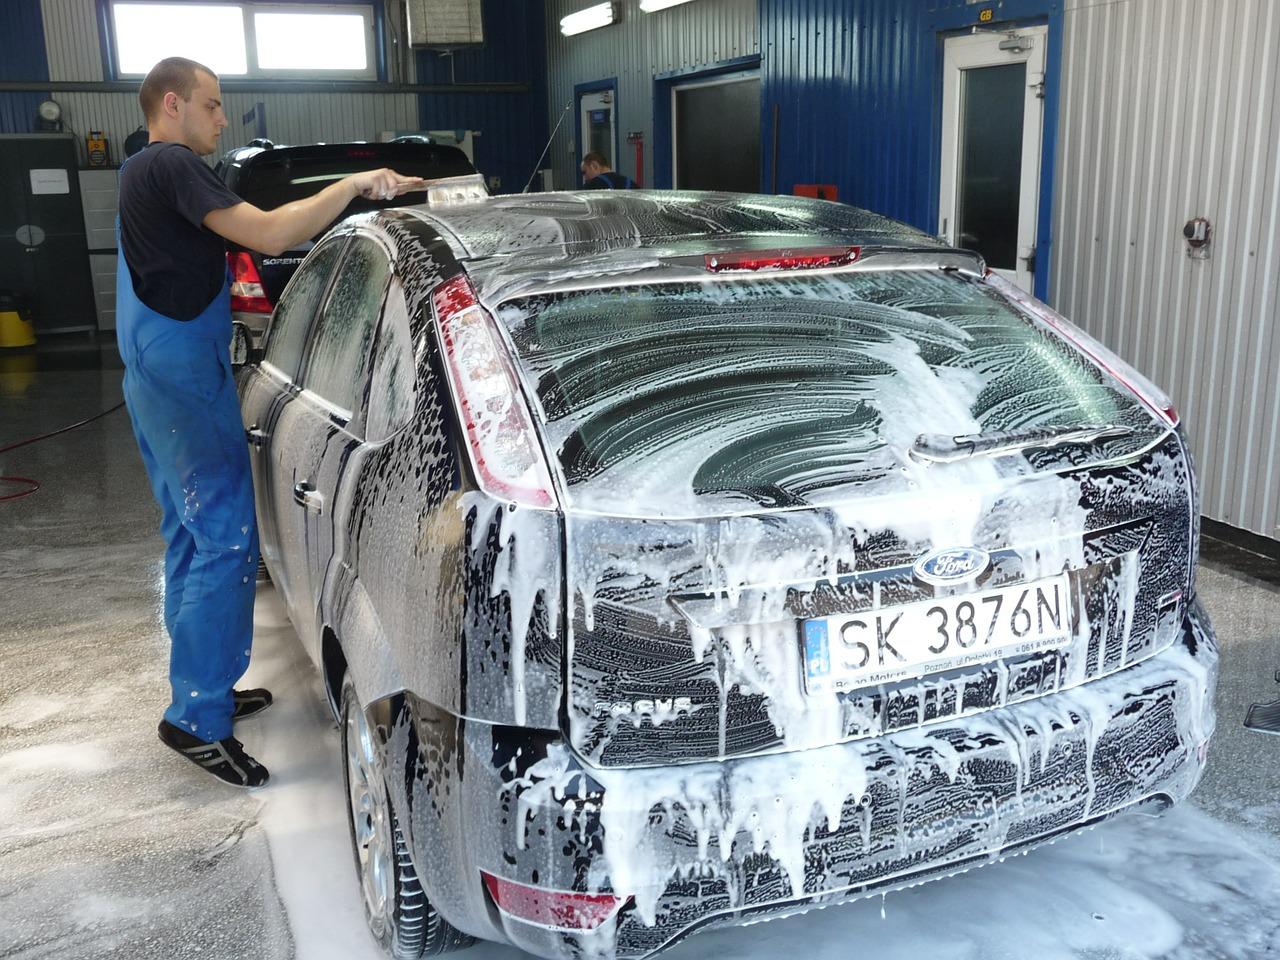 高圧洗浄機を使った洗車!おすすめの洗剤と使い方